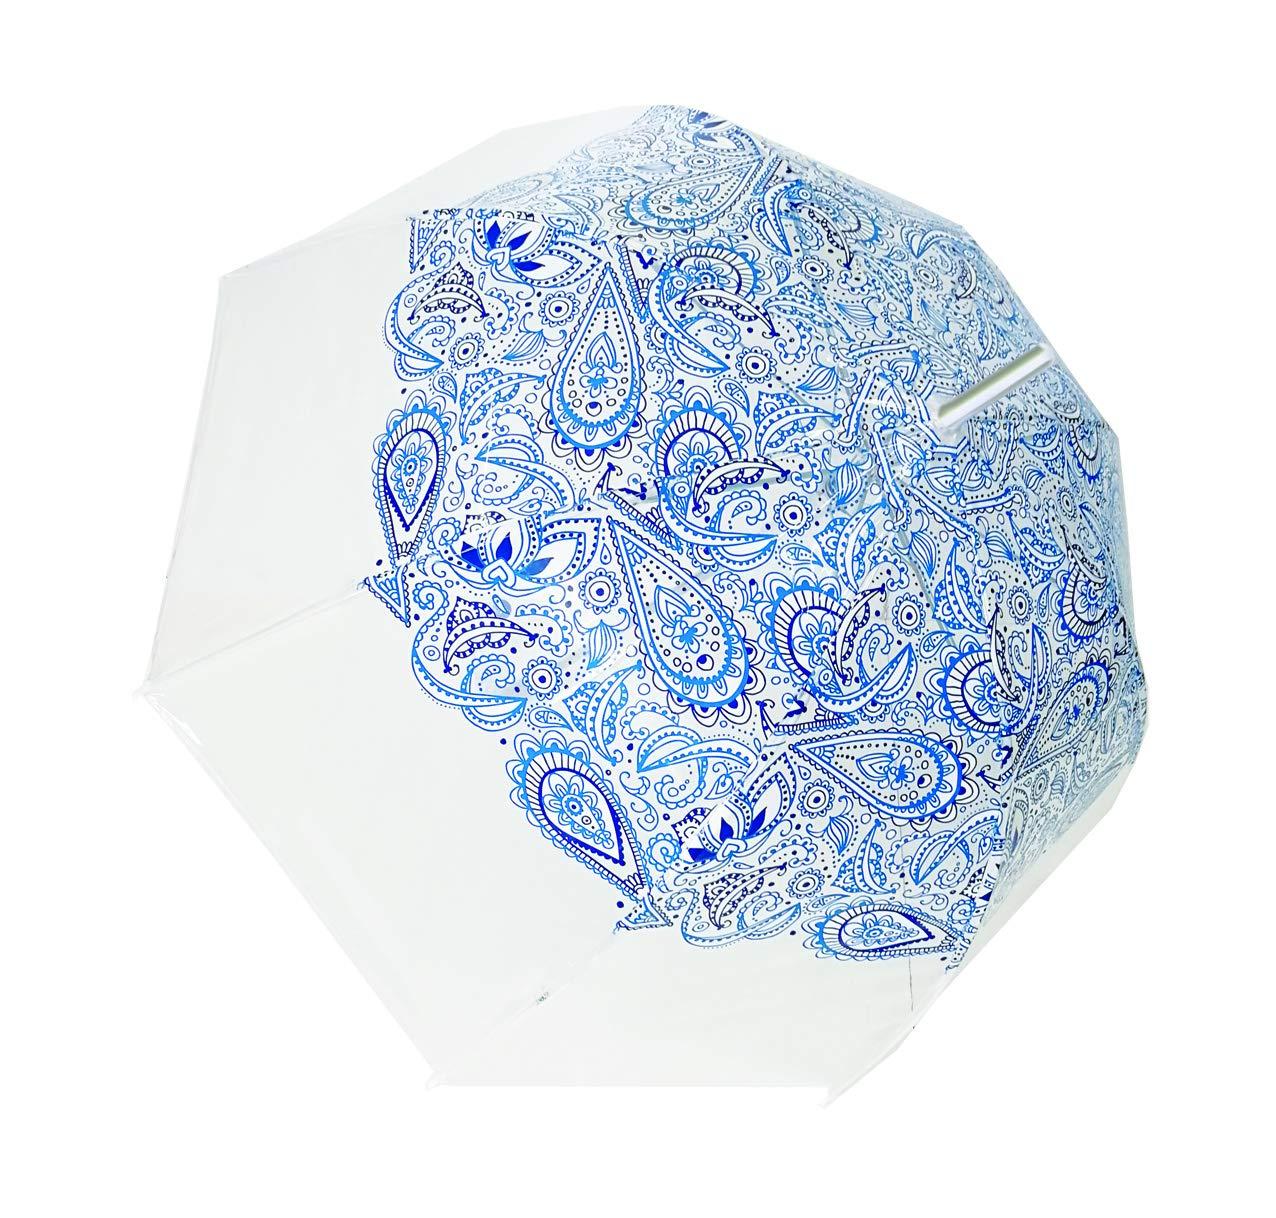 SMATI Paraguas Largo Manual Transparente Forma de Campana automático-Estampado - Estrella - Muy Sólido (Azul Cachemira)